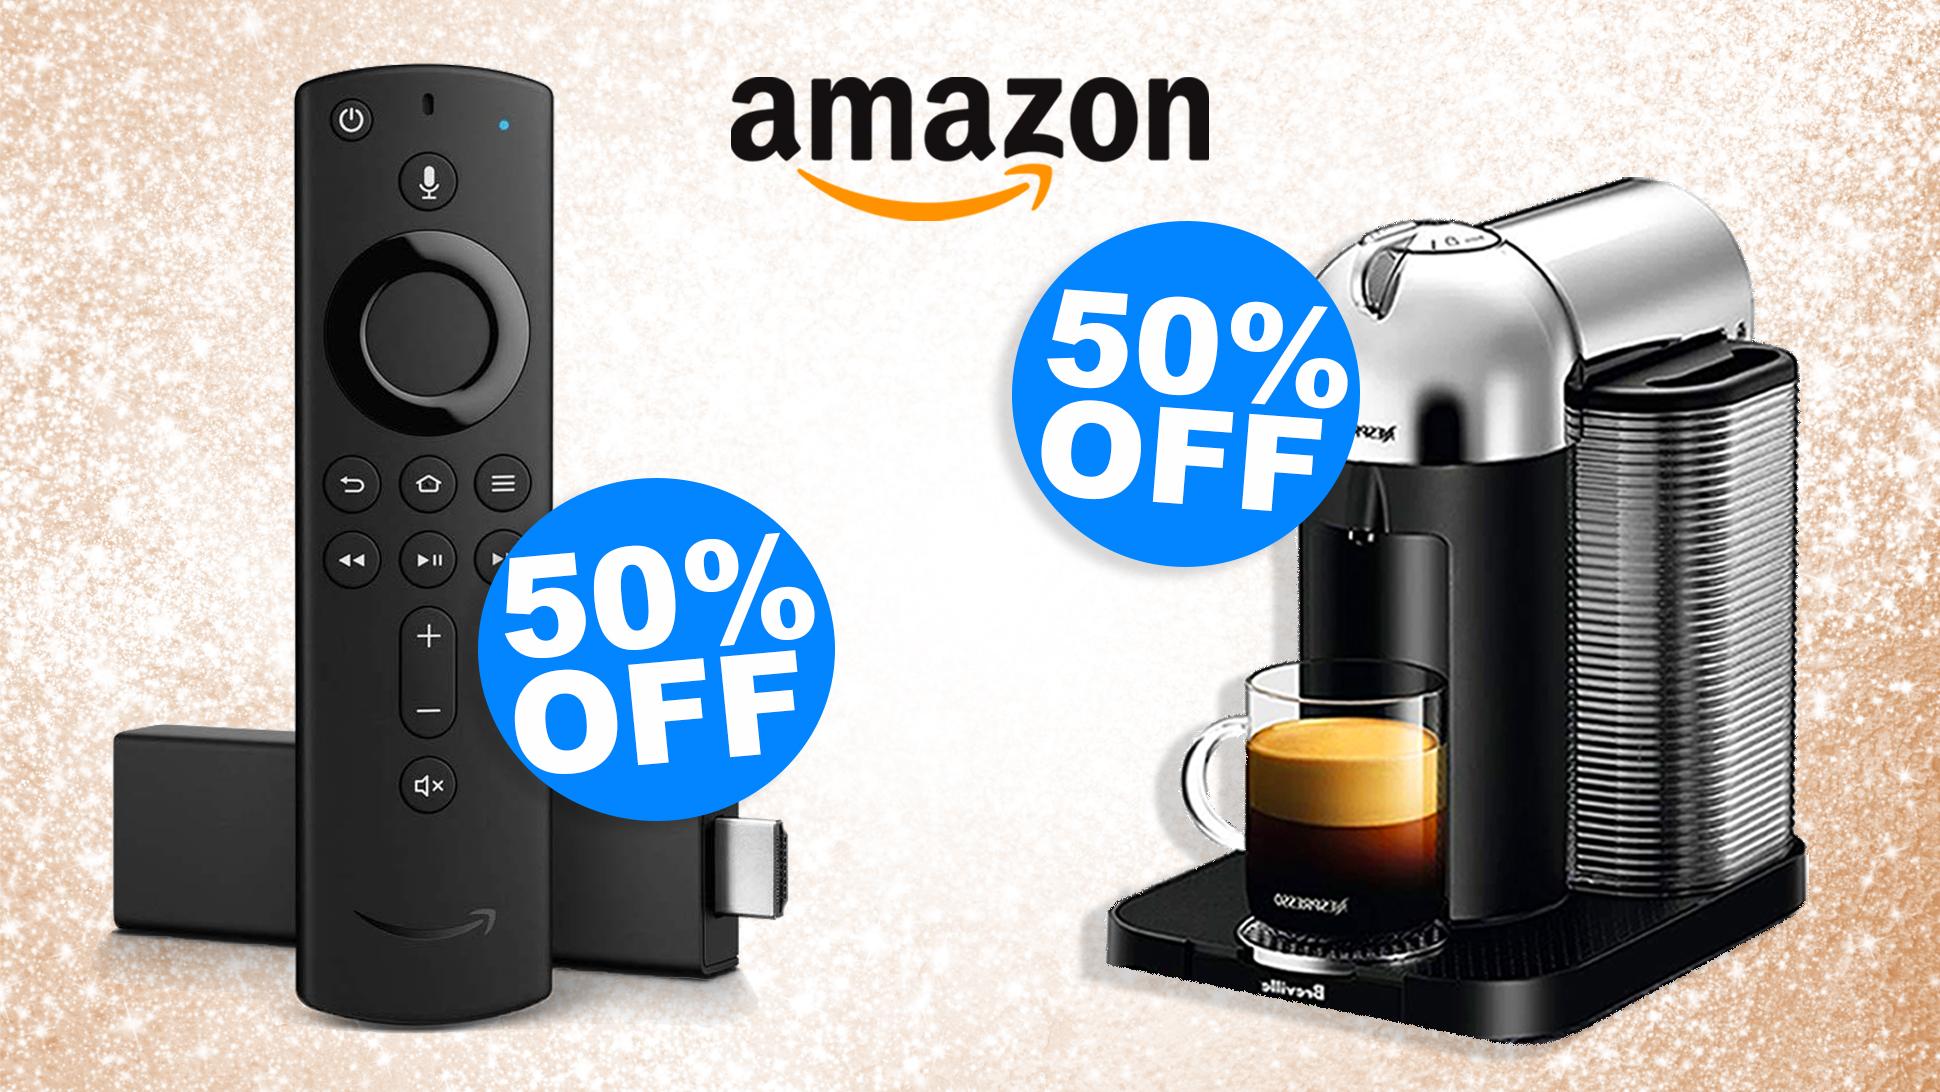 Las mejores ofertas del Black Friday en vivo en Amazon ahora mismo